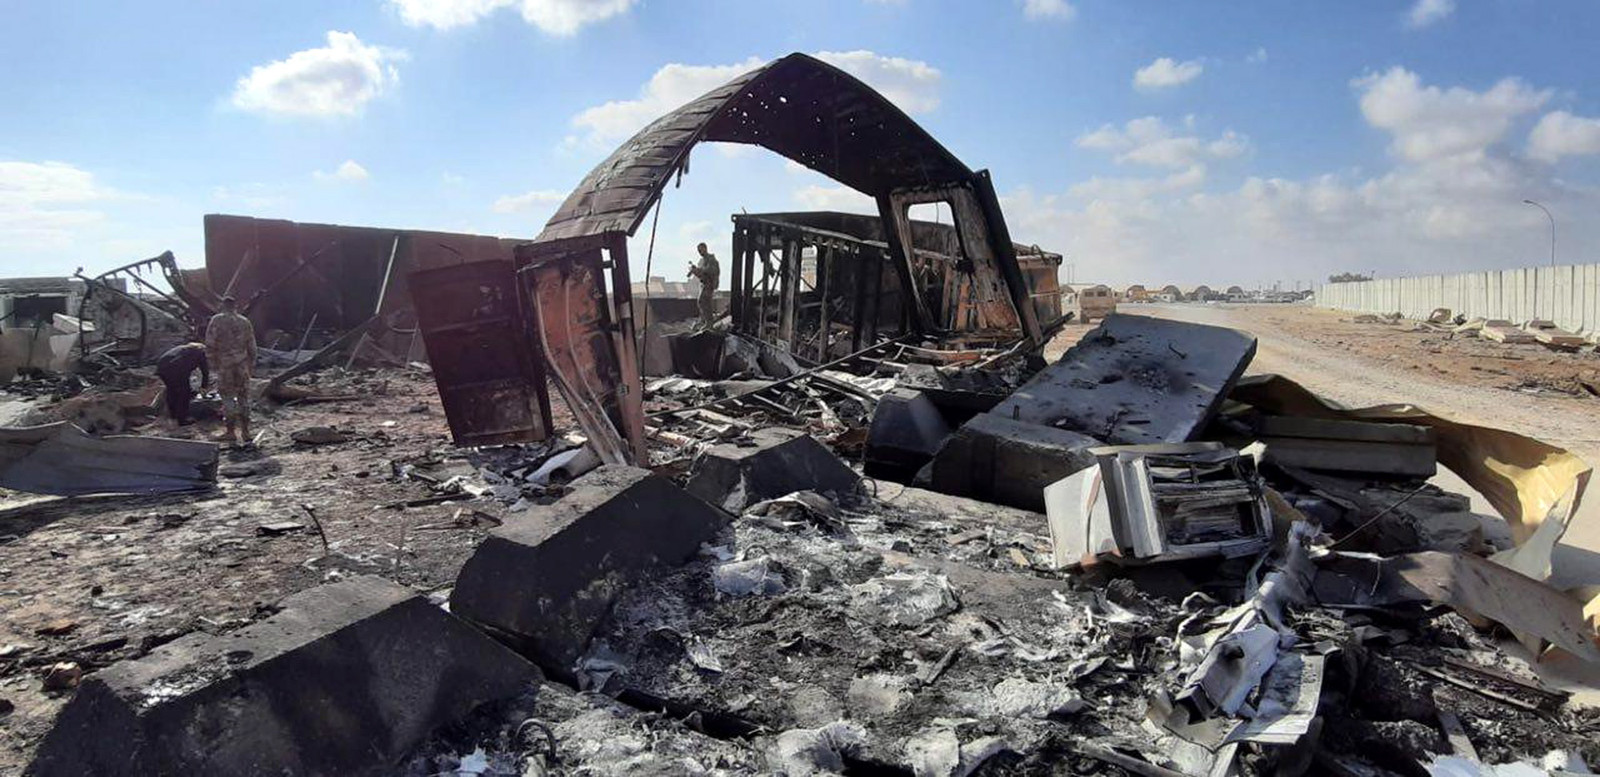 Amerikaanse soldaten nemen de schade op bij de luchtbasis Ain al-Assad in Irak.